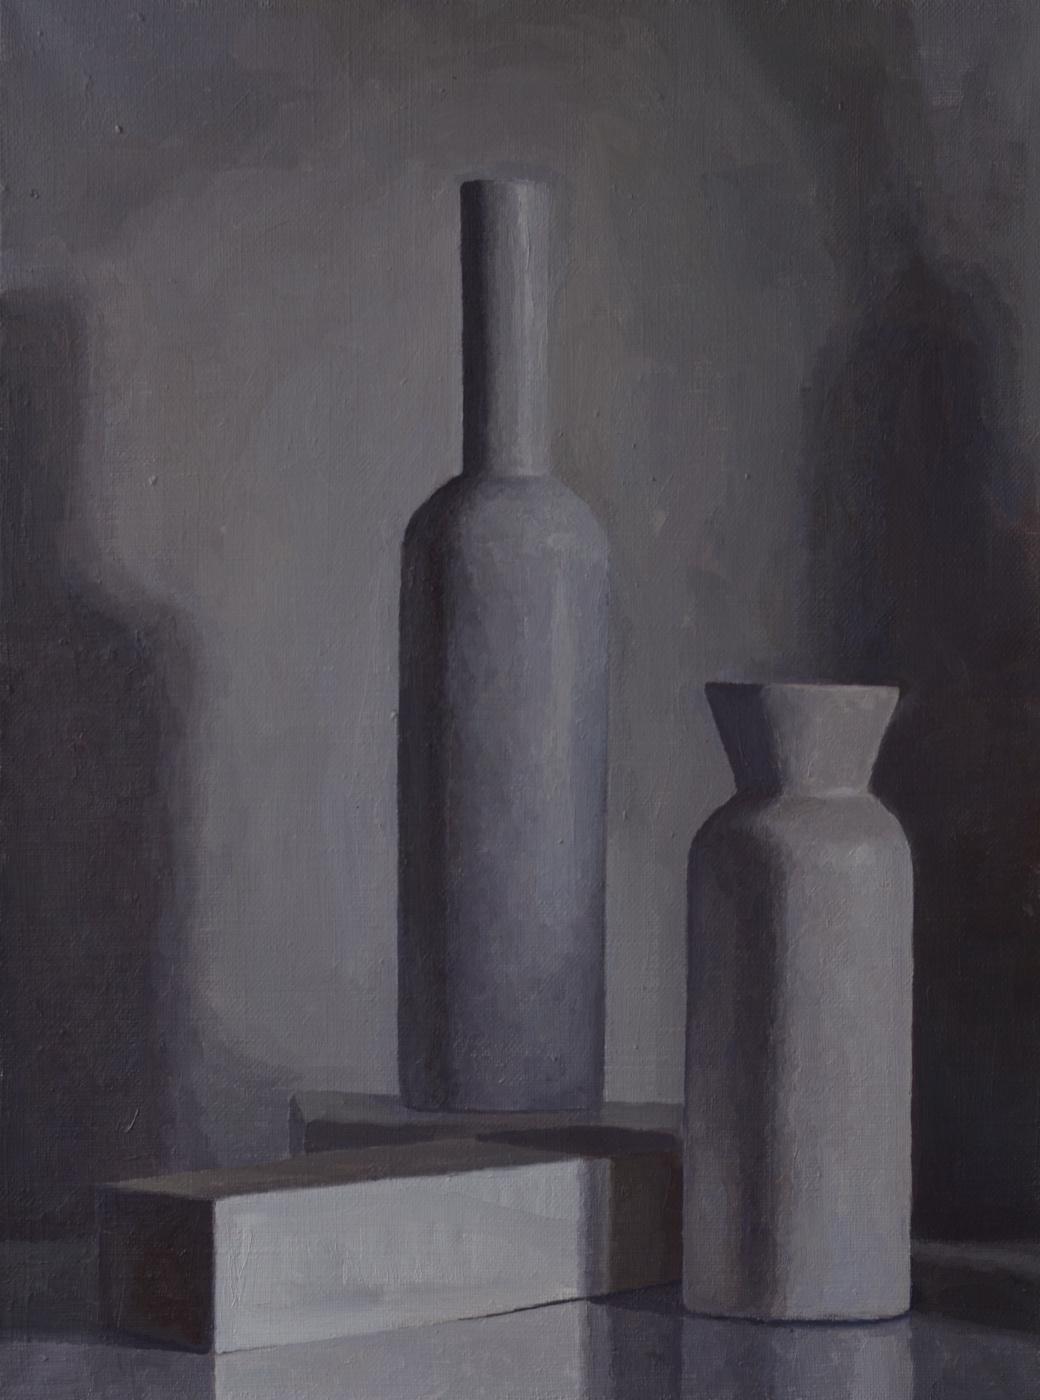 Pavel Viktorovich Petrov. Still life with gray bottles